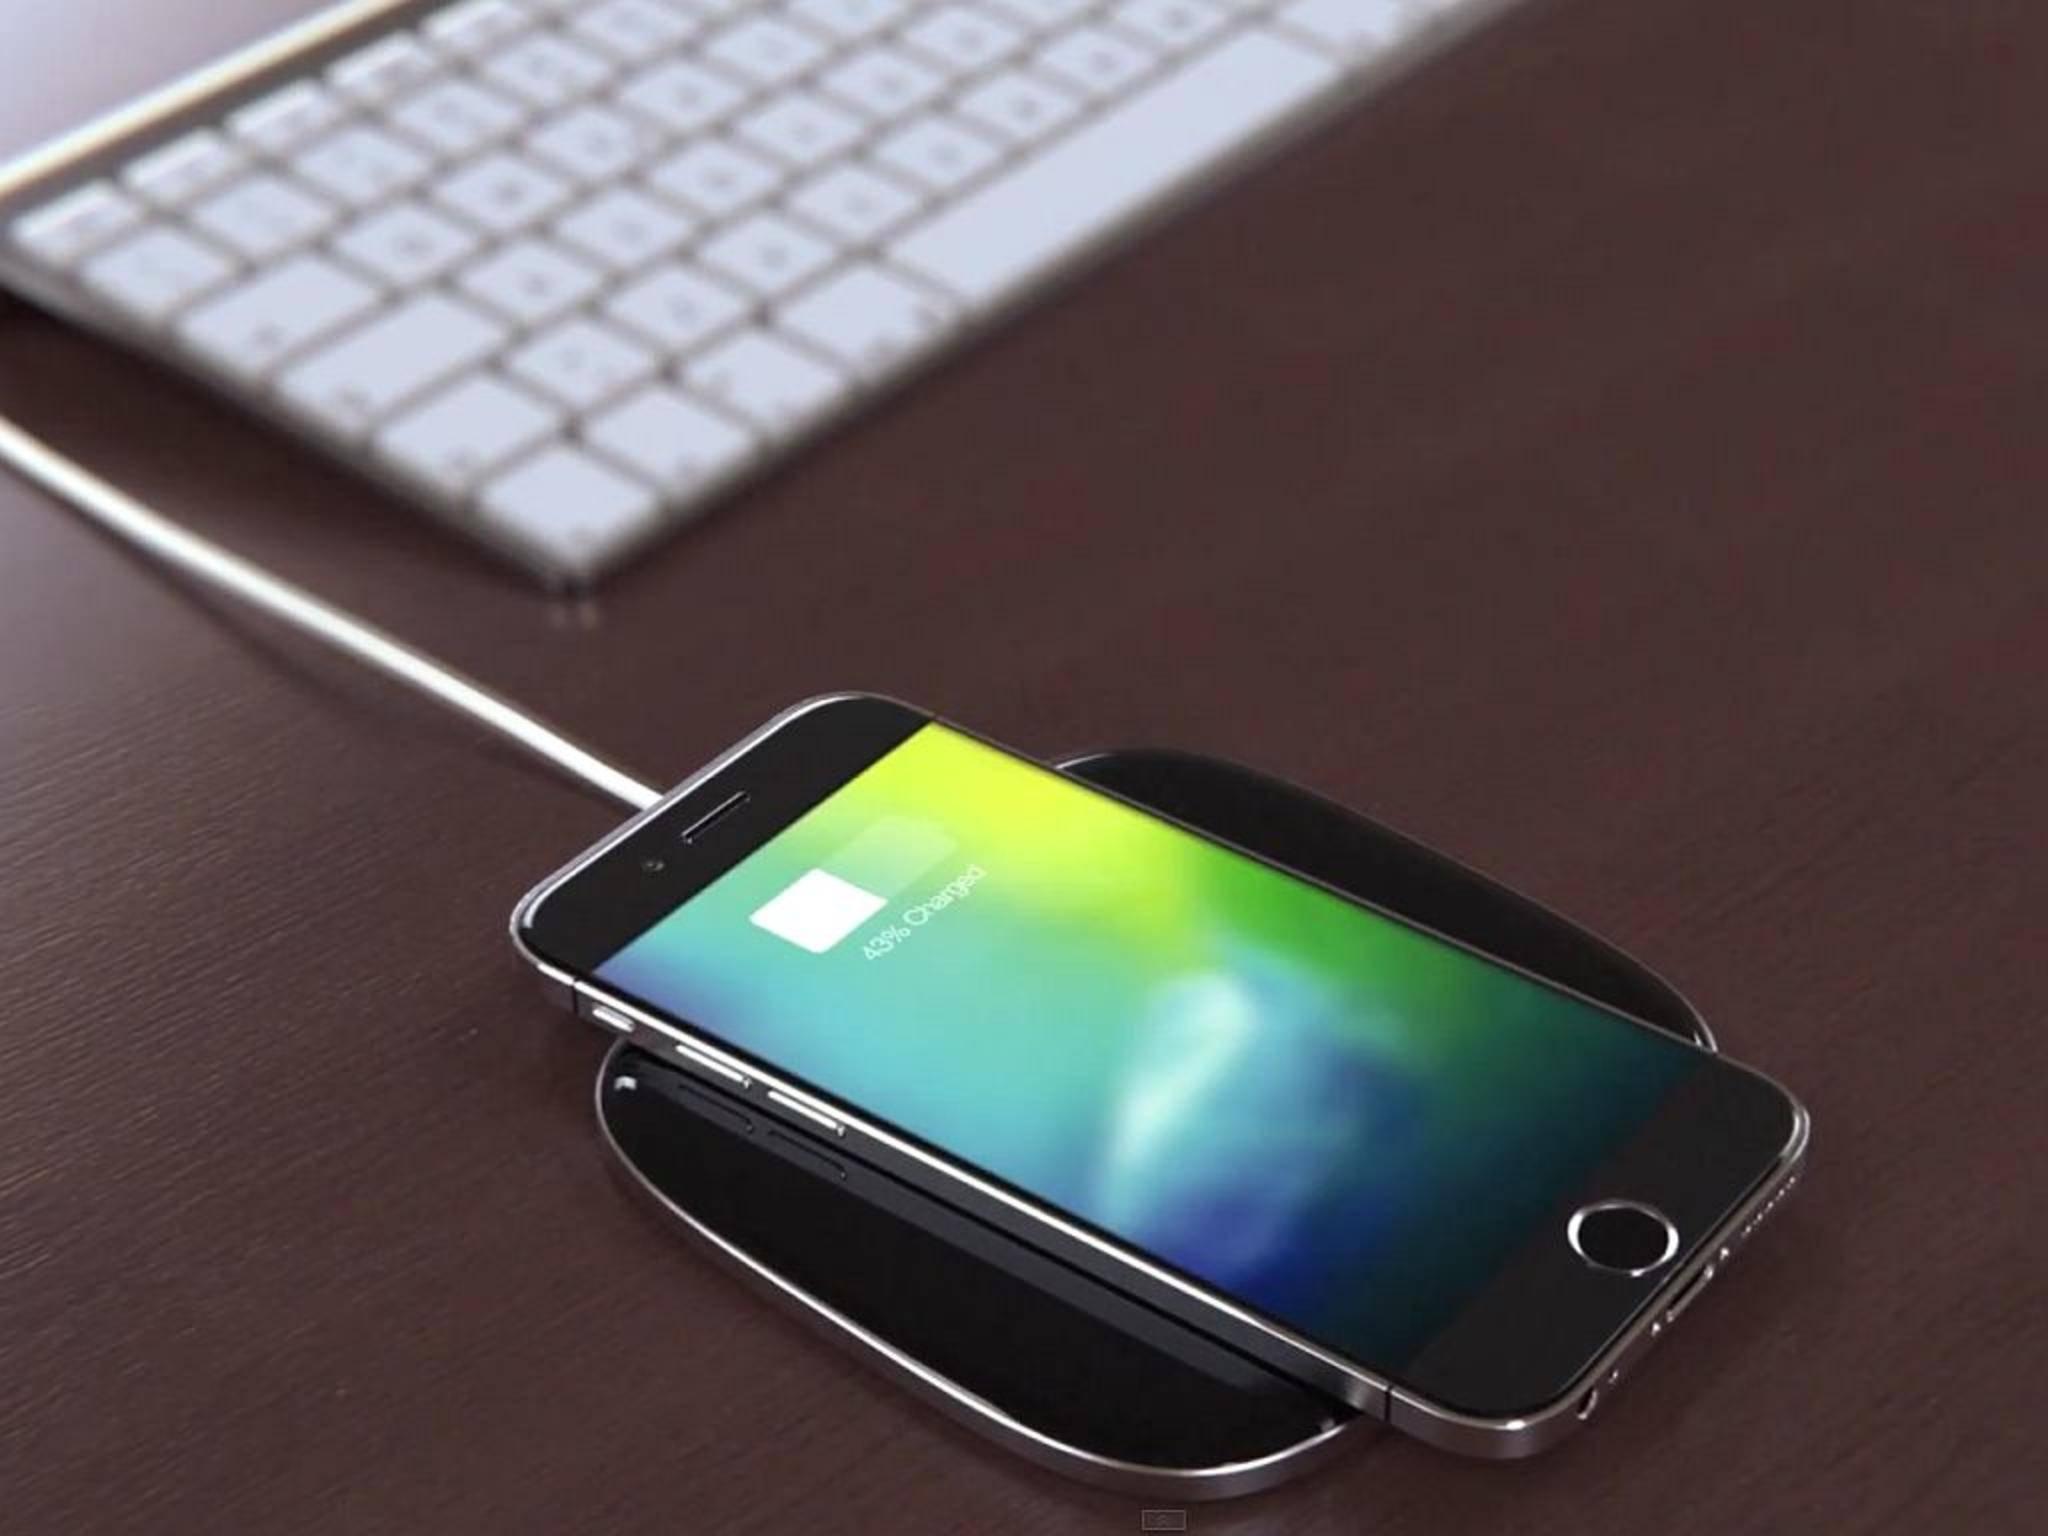 Wird das iPhone 7 endlich eine längere Akkulaufzeit bieten?